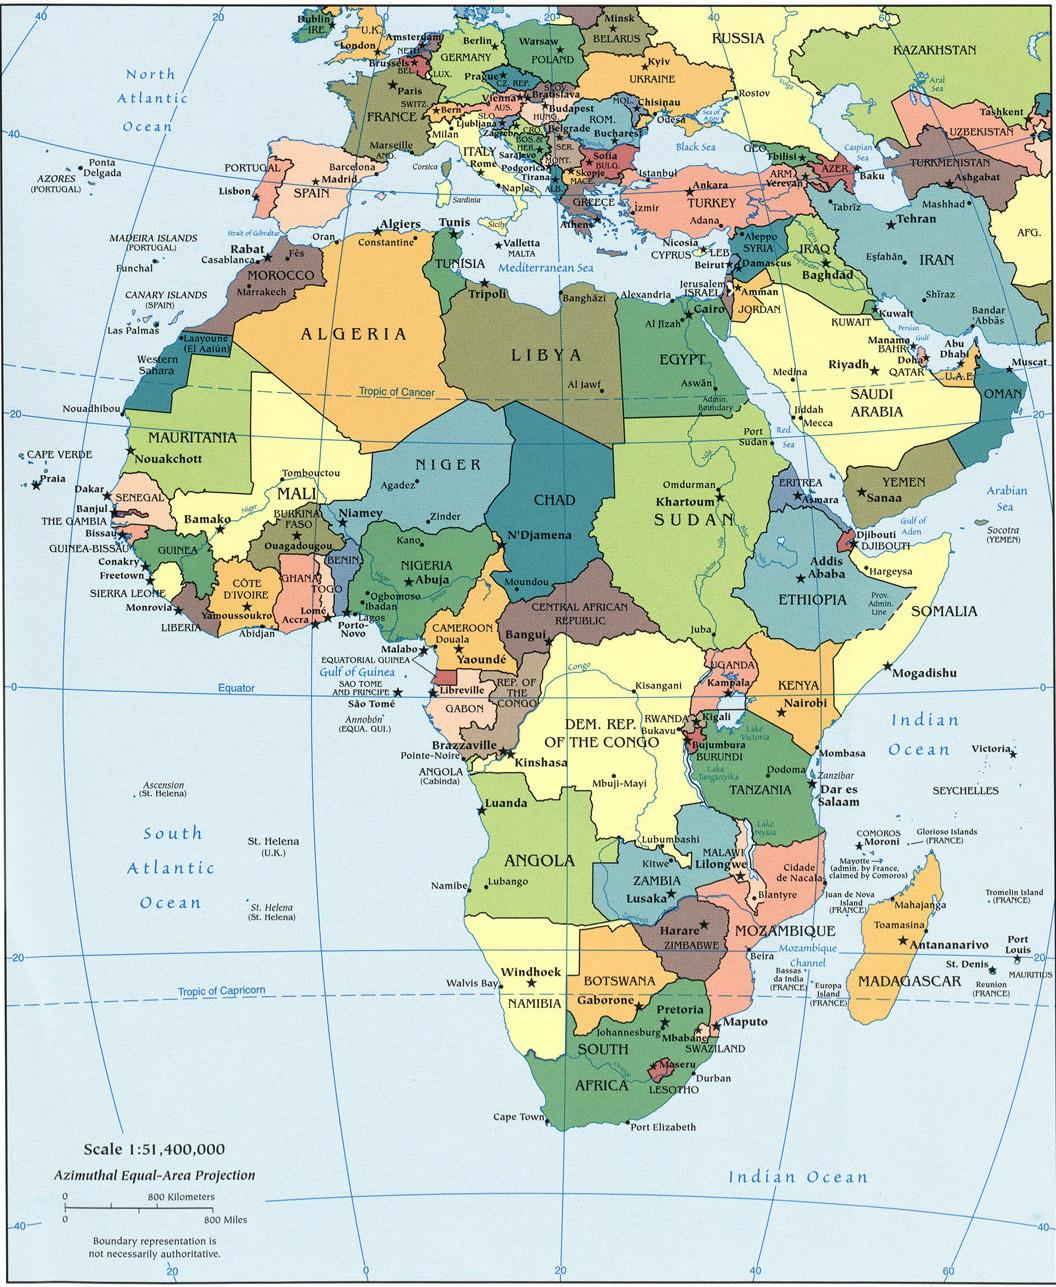 karta över norra afrika Afrika | Travel Forum karta över norra afrika